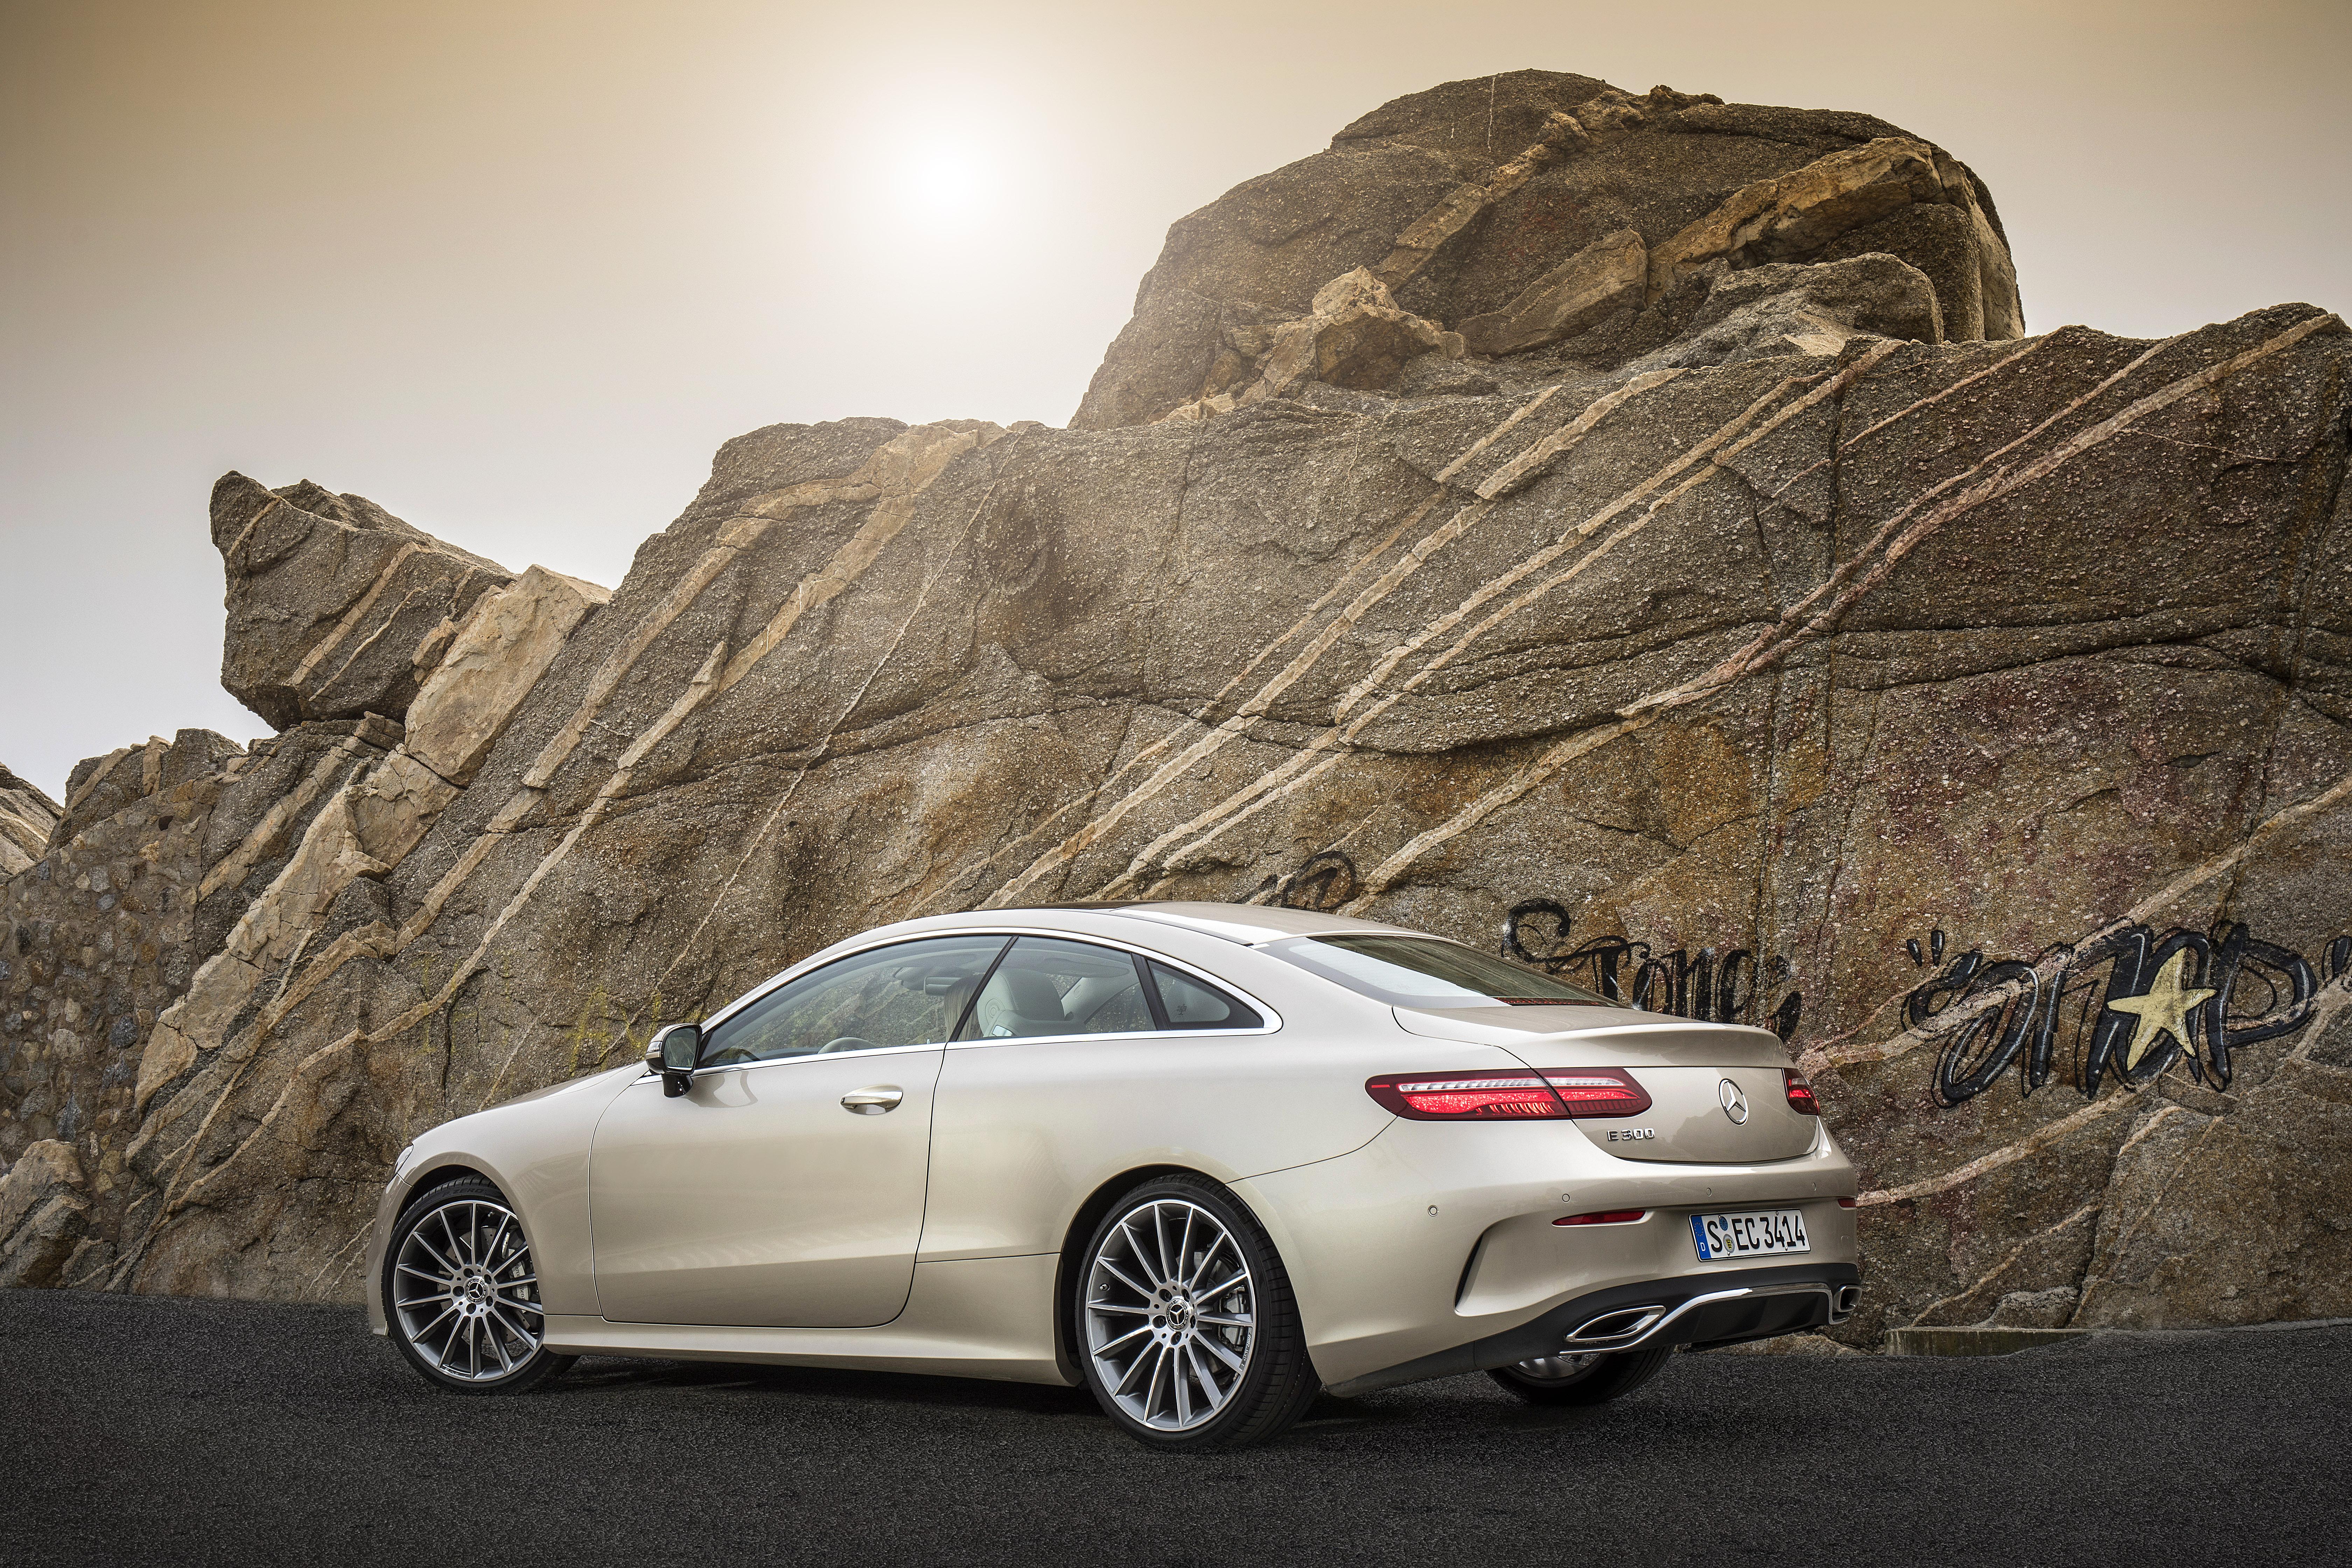 Oblikovno je novi kupe razreda E eden lepših Mercedesov med osebnimi avtomobili.